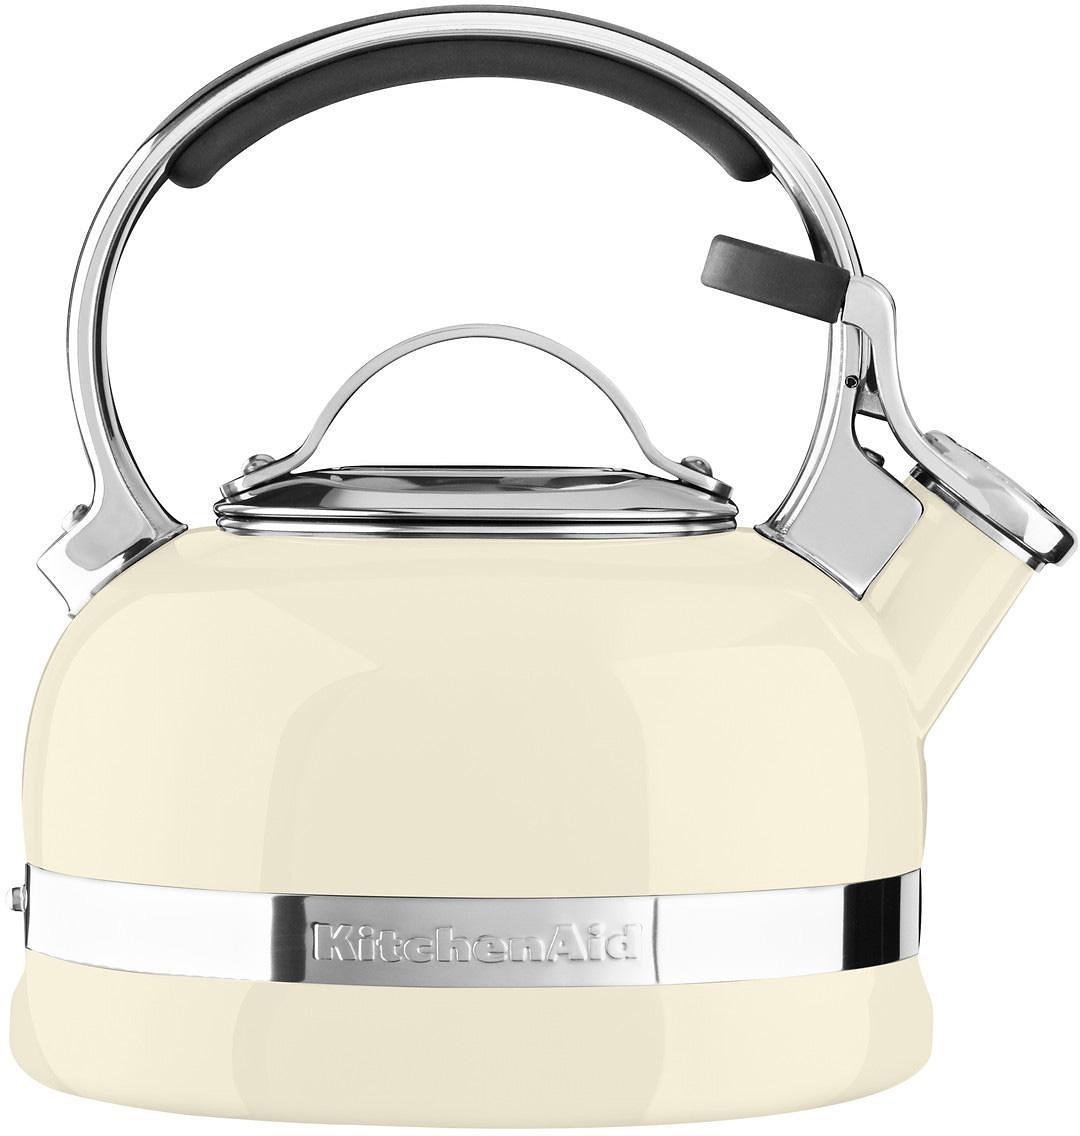 KitchenAid Wasserkessel KTEN20SBAC | Küche und Esszimmer > Küchengeräte > Wasserkocher | Edelstahl | KitchenAid